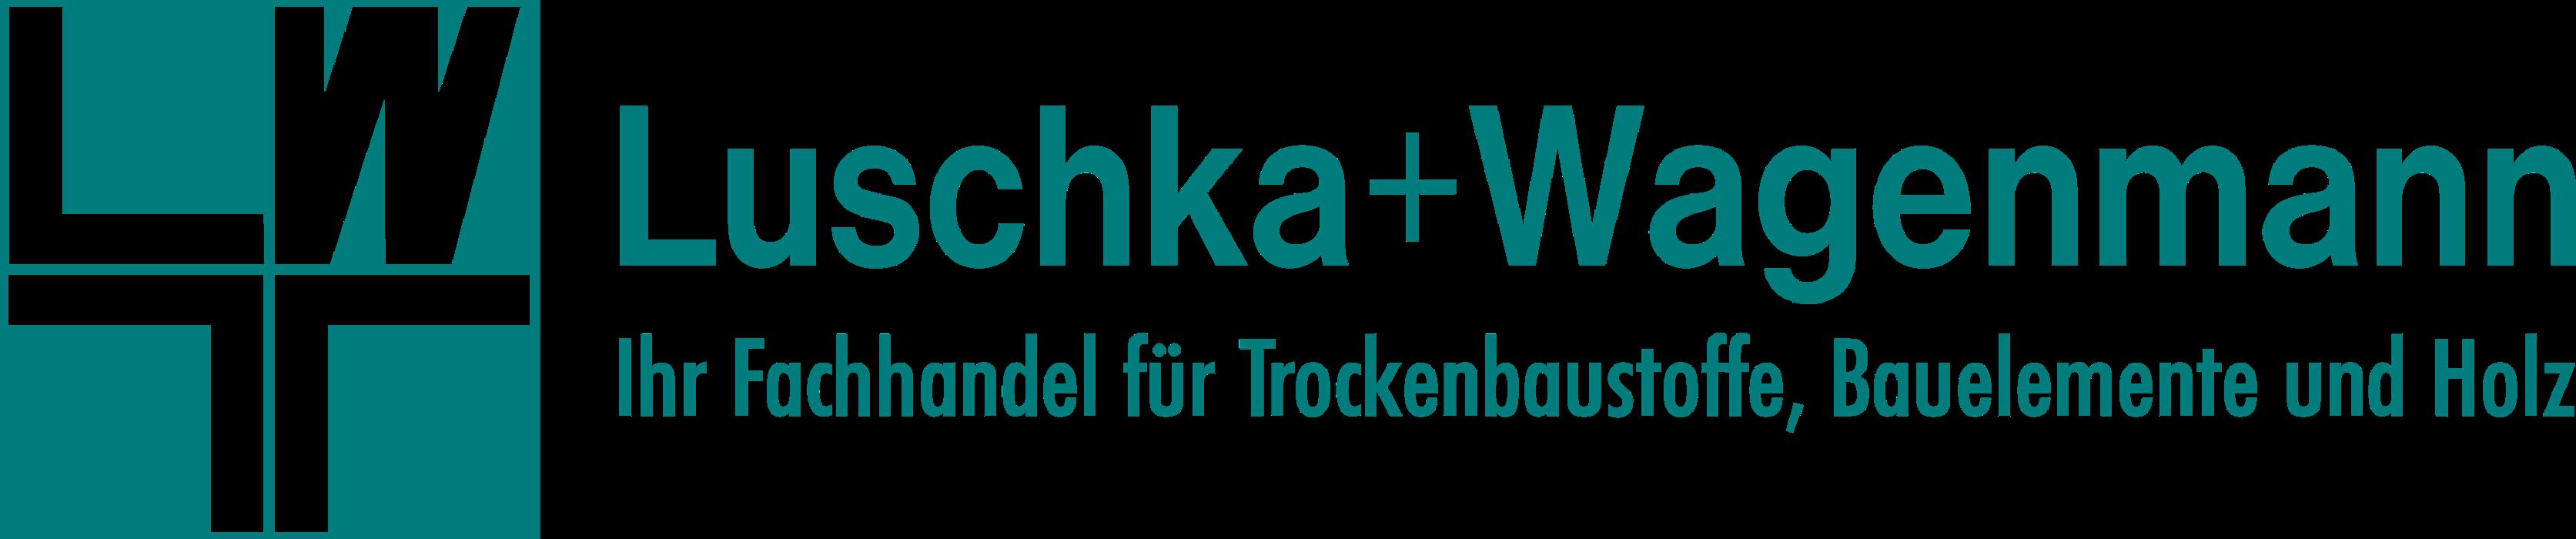 Bild zu Luschka + Wagenmann Gmbh & Co. KG in Mannheim